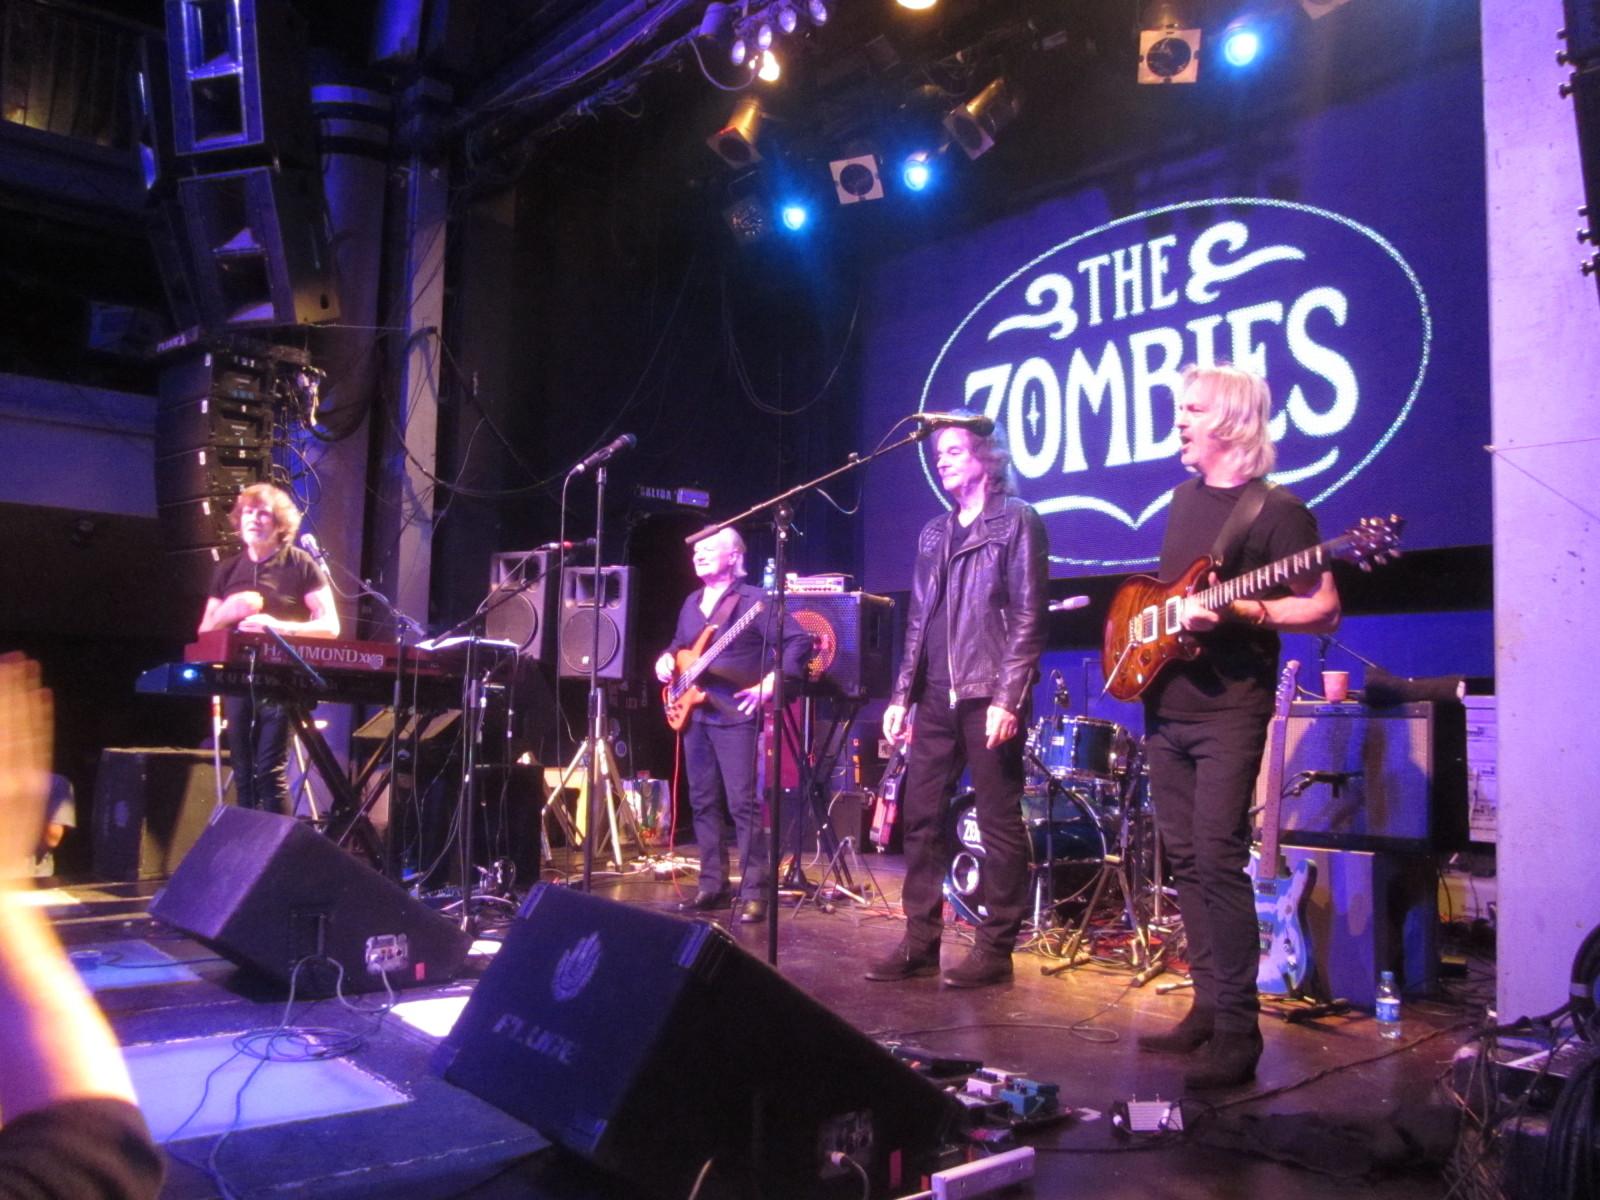 The Zombies - Página 2 2u4mzap